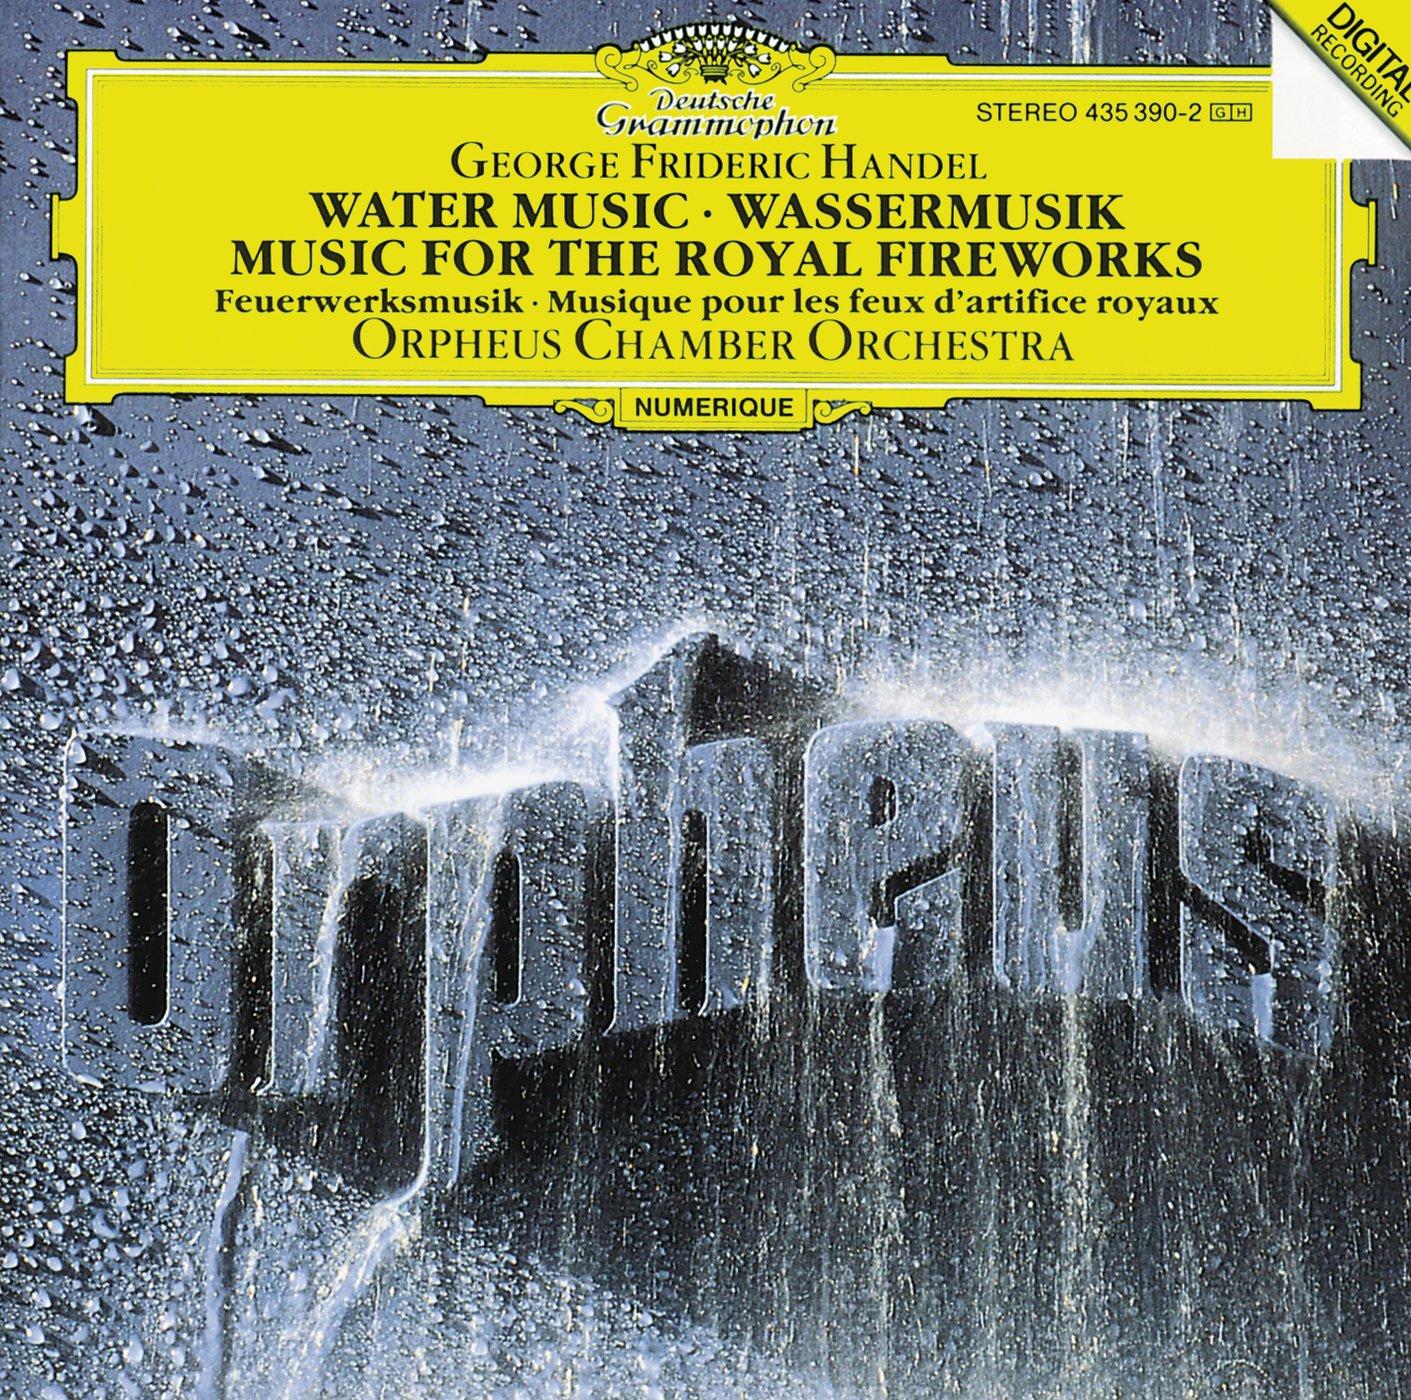 CD : Les Lunes du Cousin Jacques - Water Music (CD)